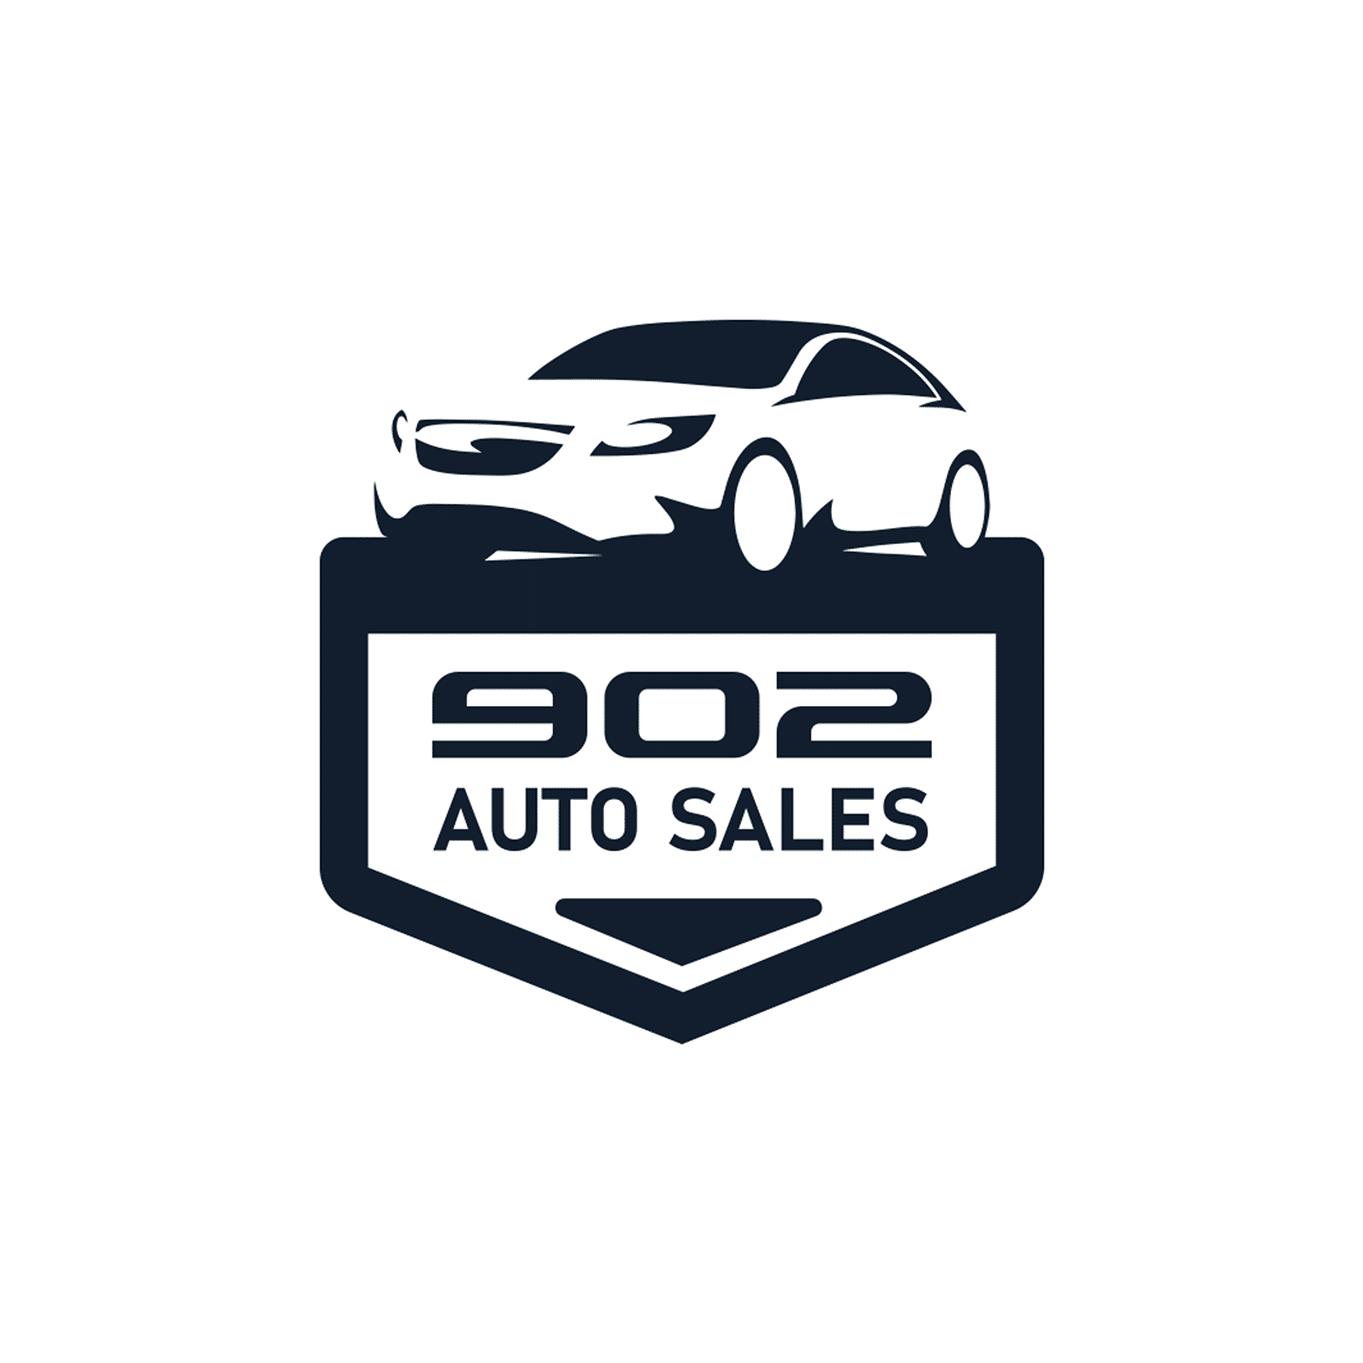 902 Auto